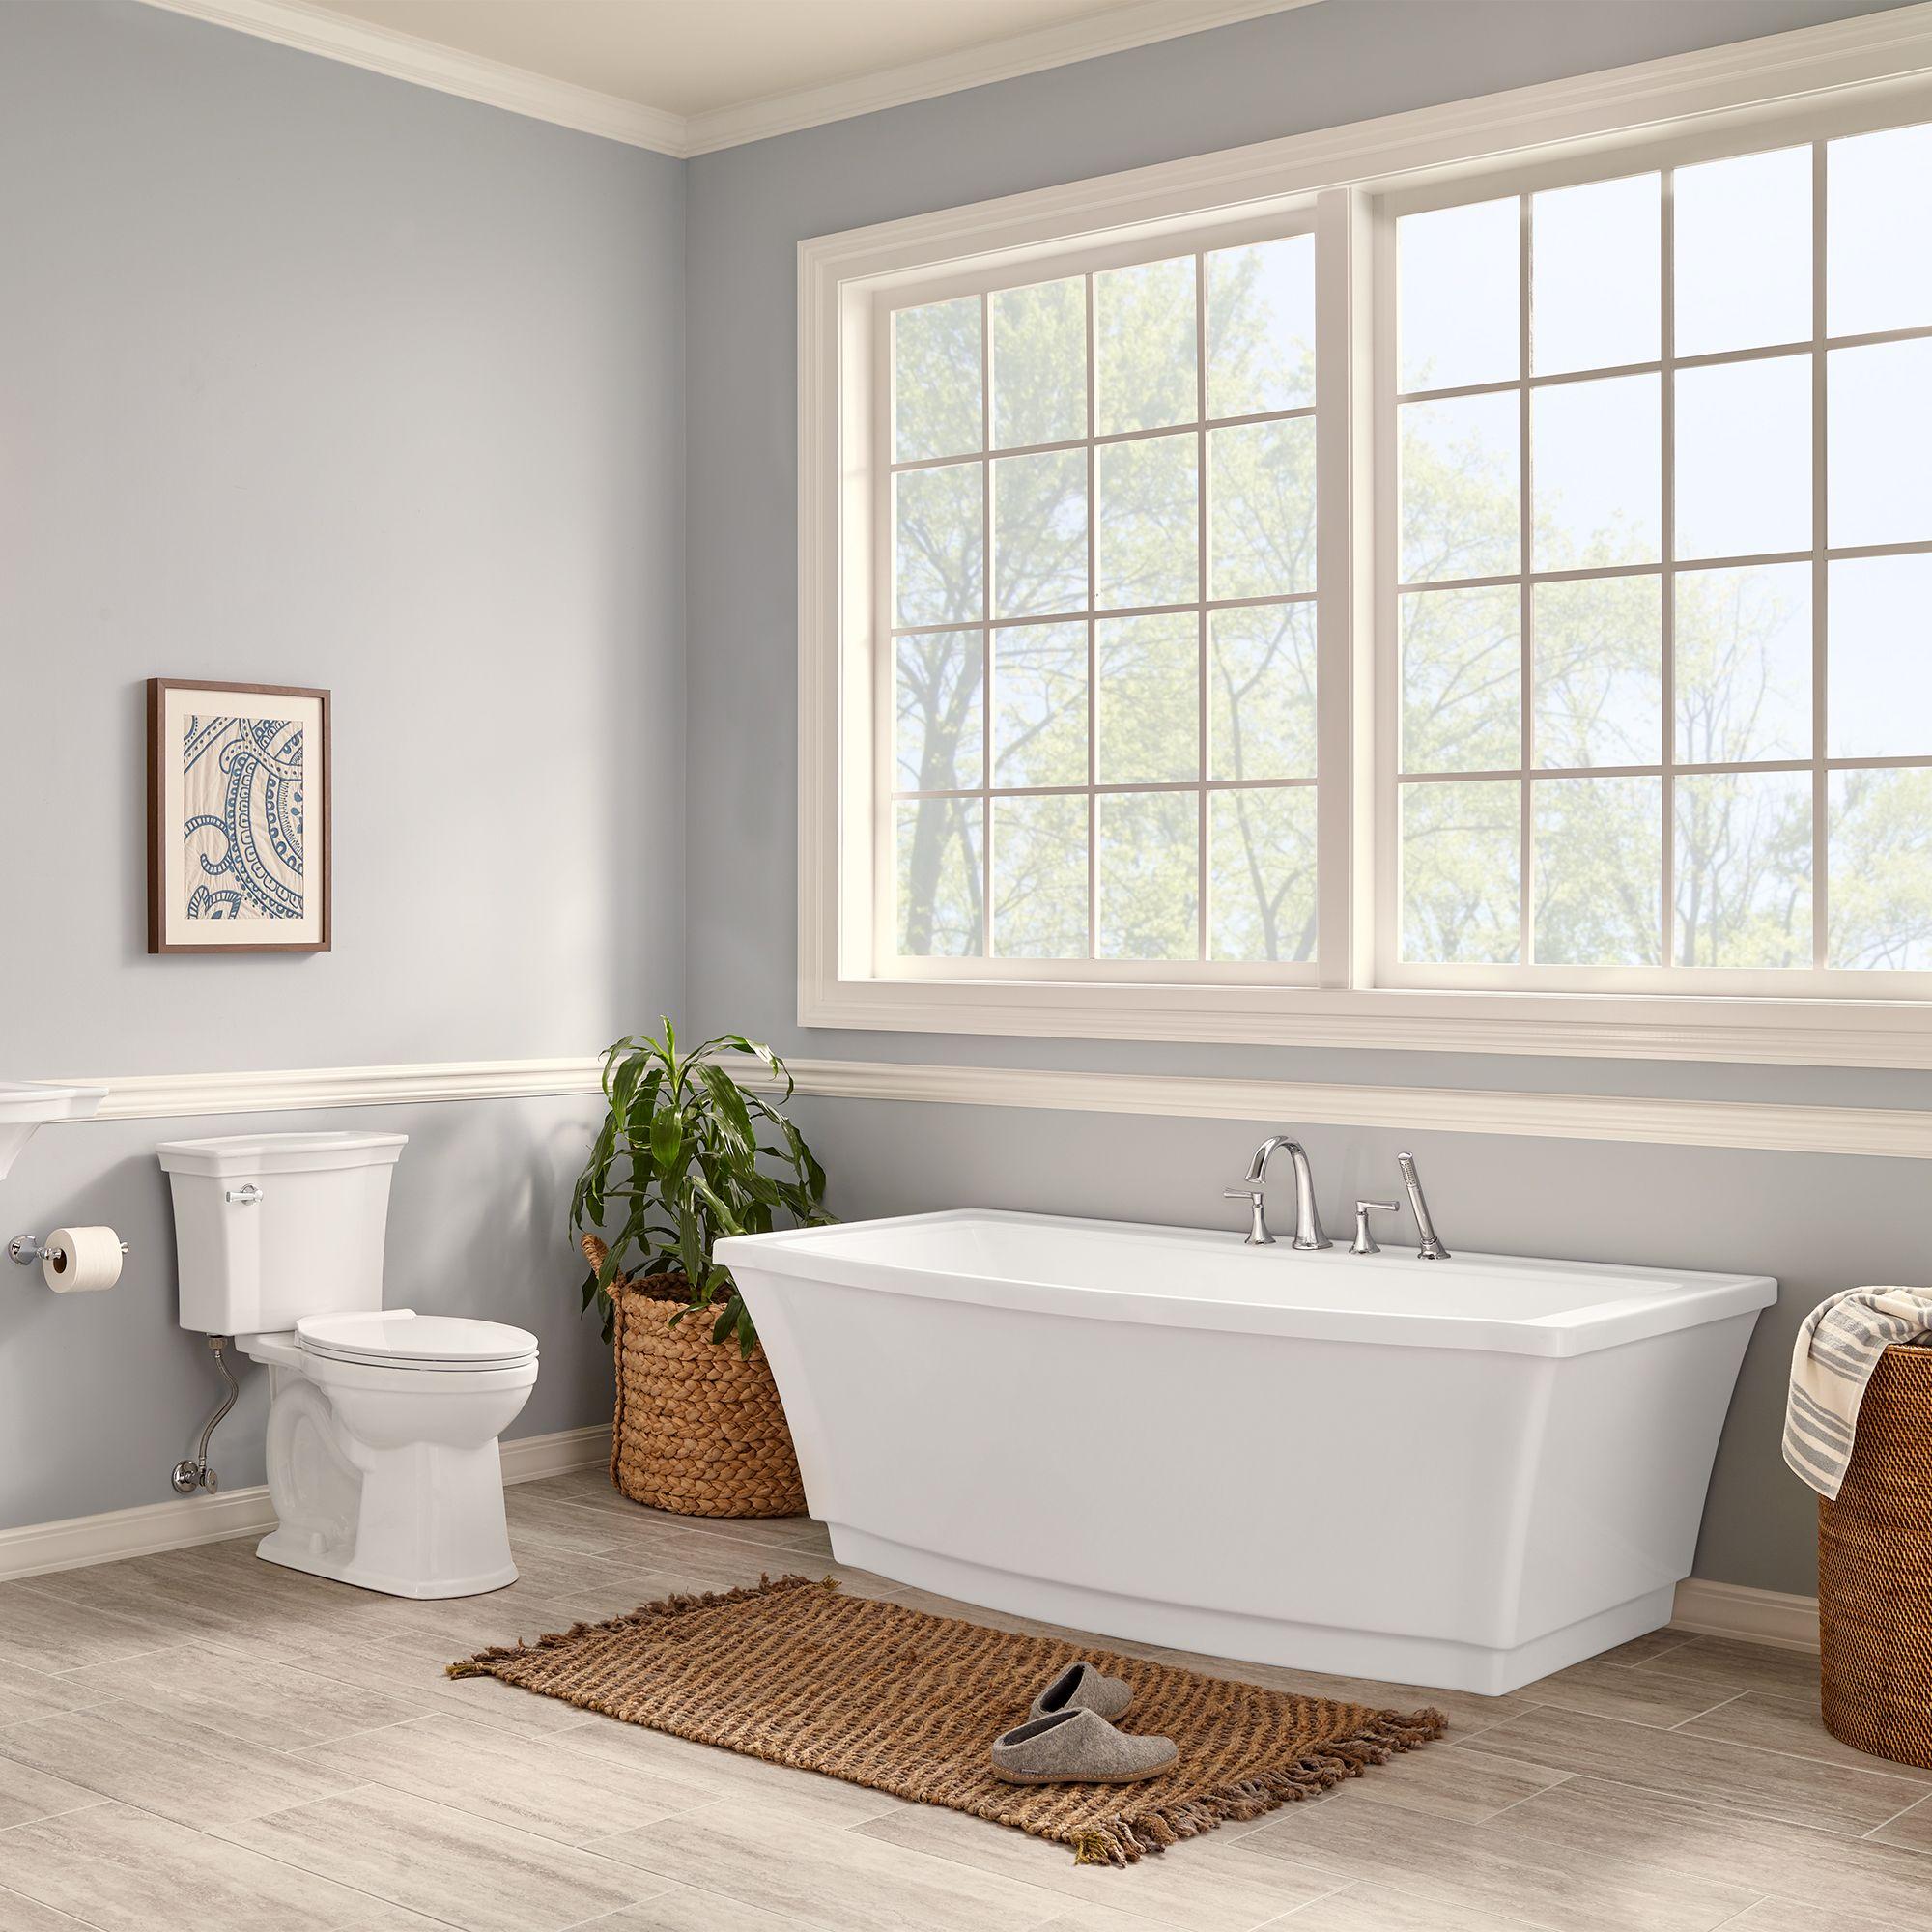 toilet next to freestanding tub - Google Search | Free ...